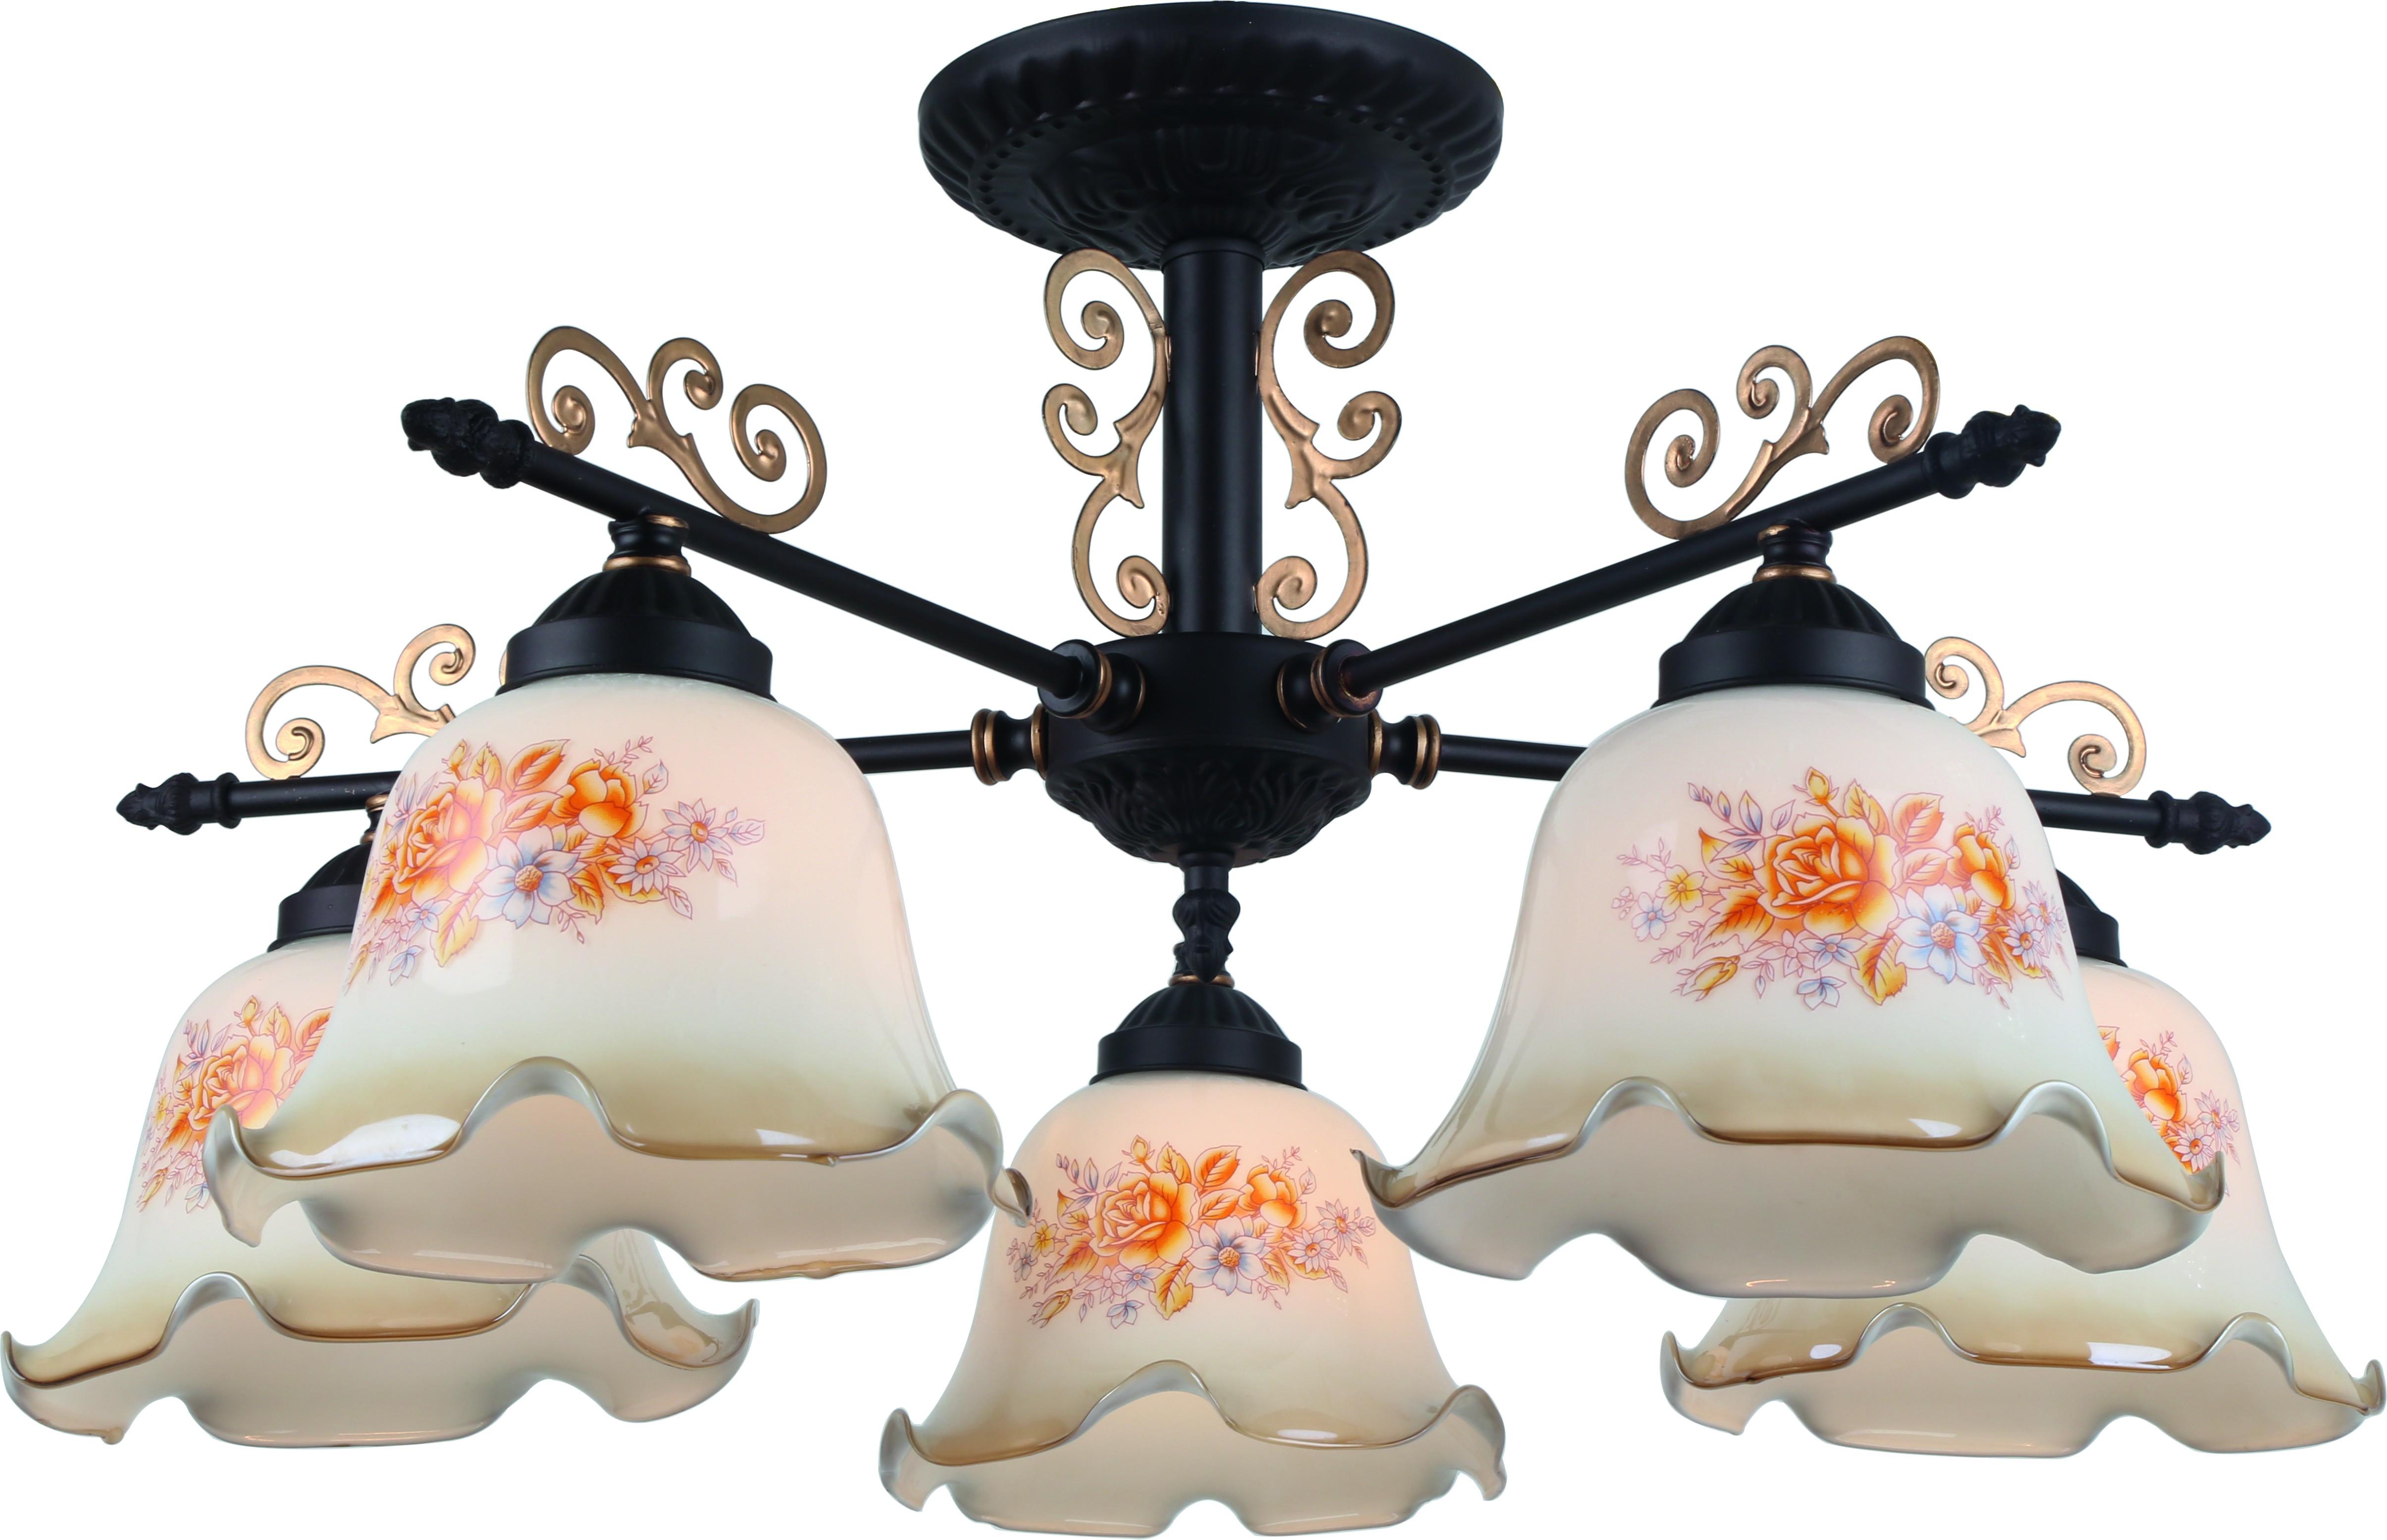 Люстра Arte lamp A6582pl-5br цена и фото